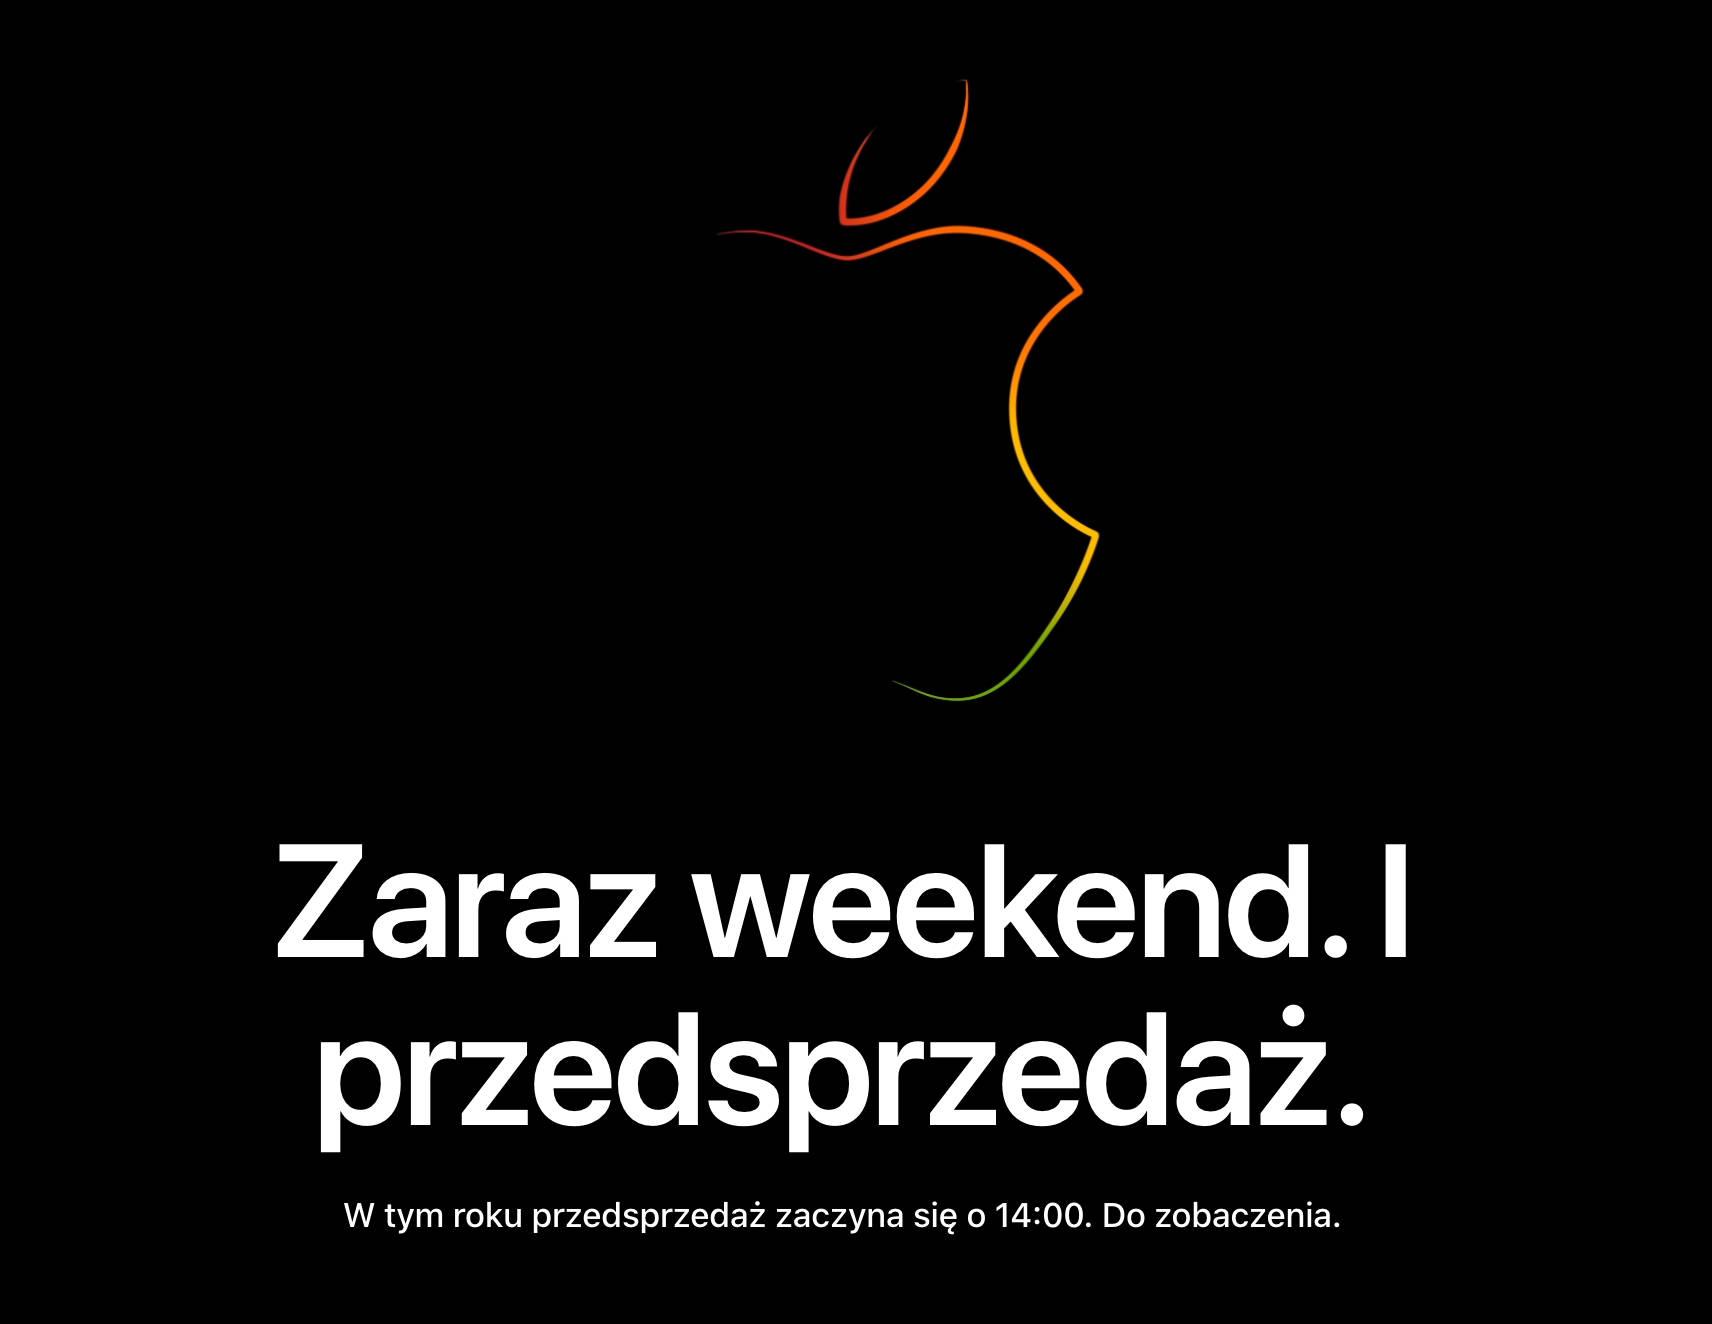 polska przedsprzedaż iPhone 11 Pro Max cena gdzie kupić najtaniej zamówić opinie